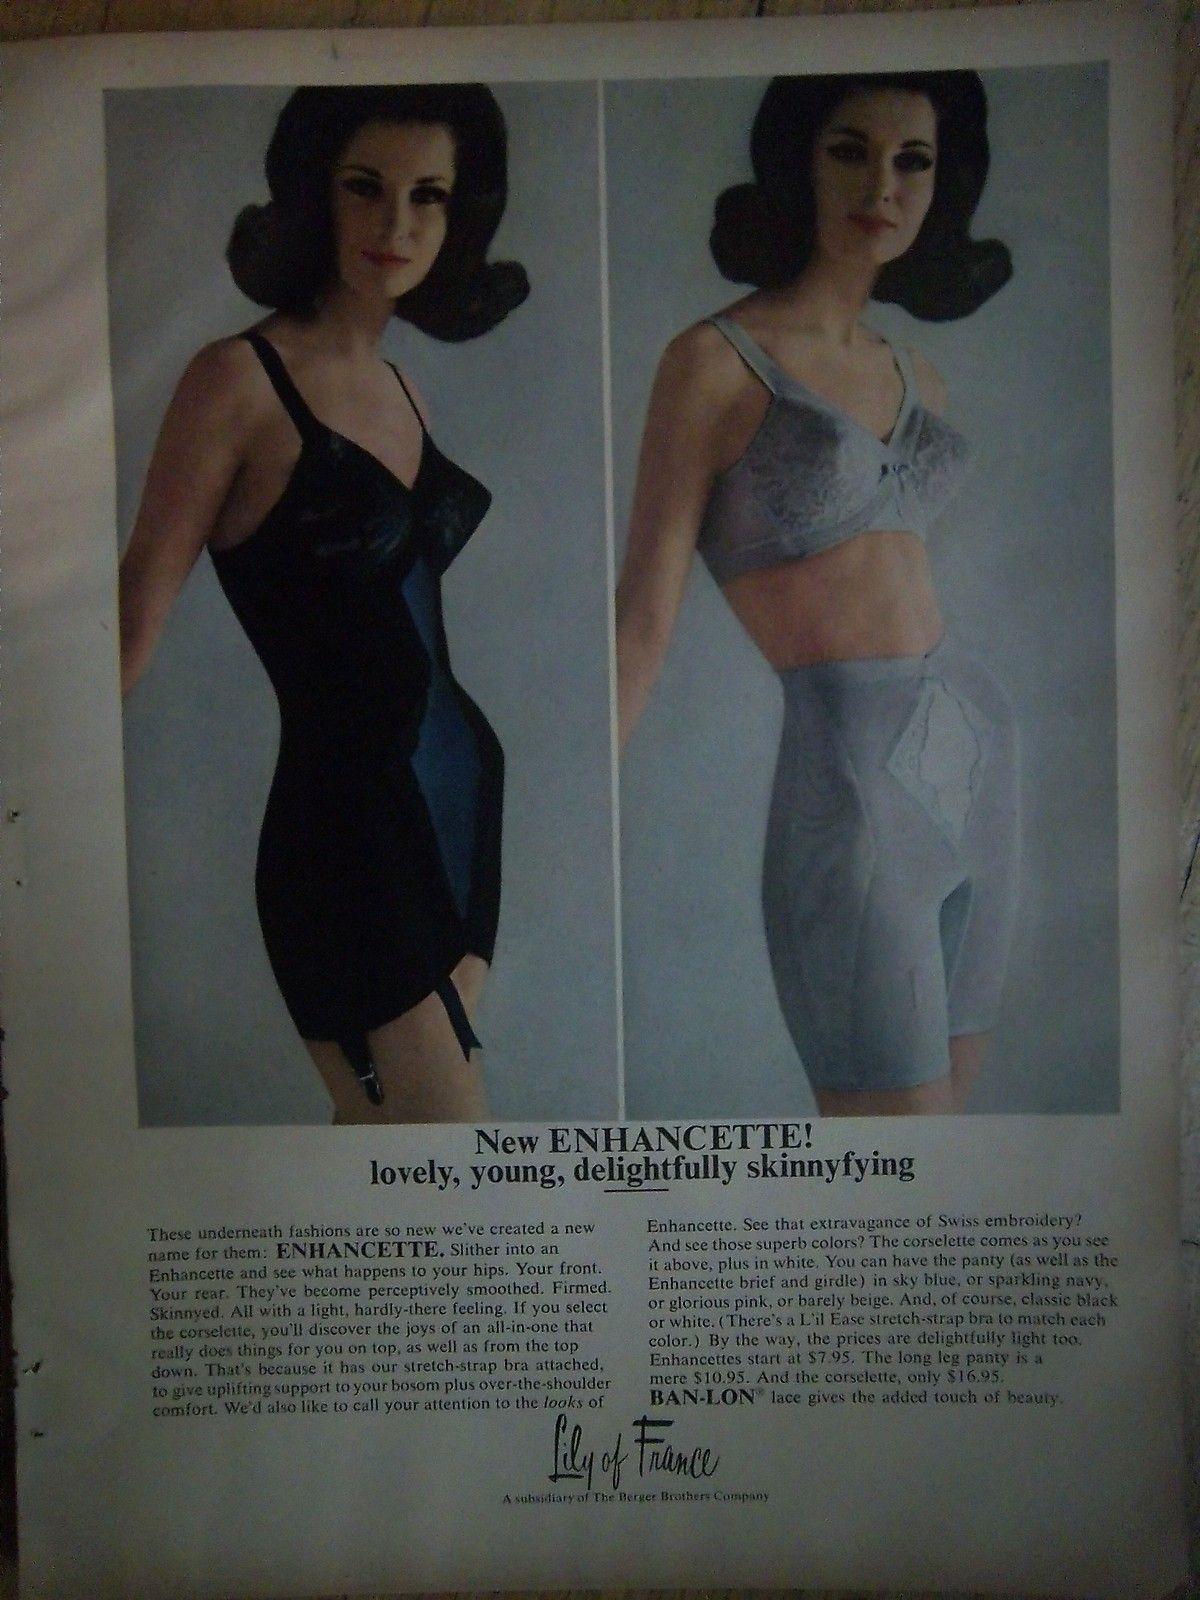 d2266052ea 1964 Vintage Lily of France Enhancette Corselette Long Leg Panty Girdle  Color Ad